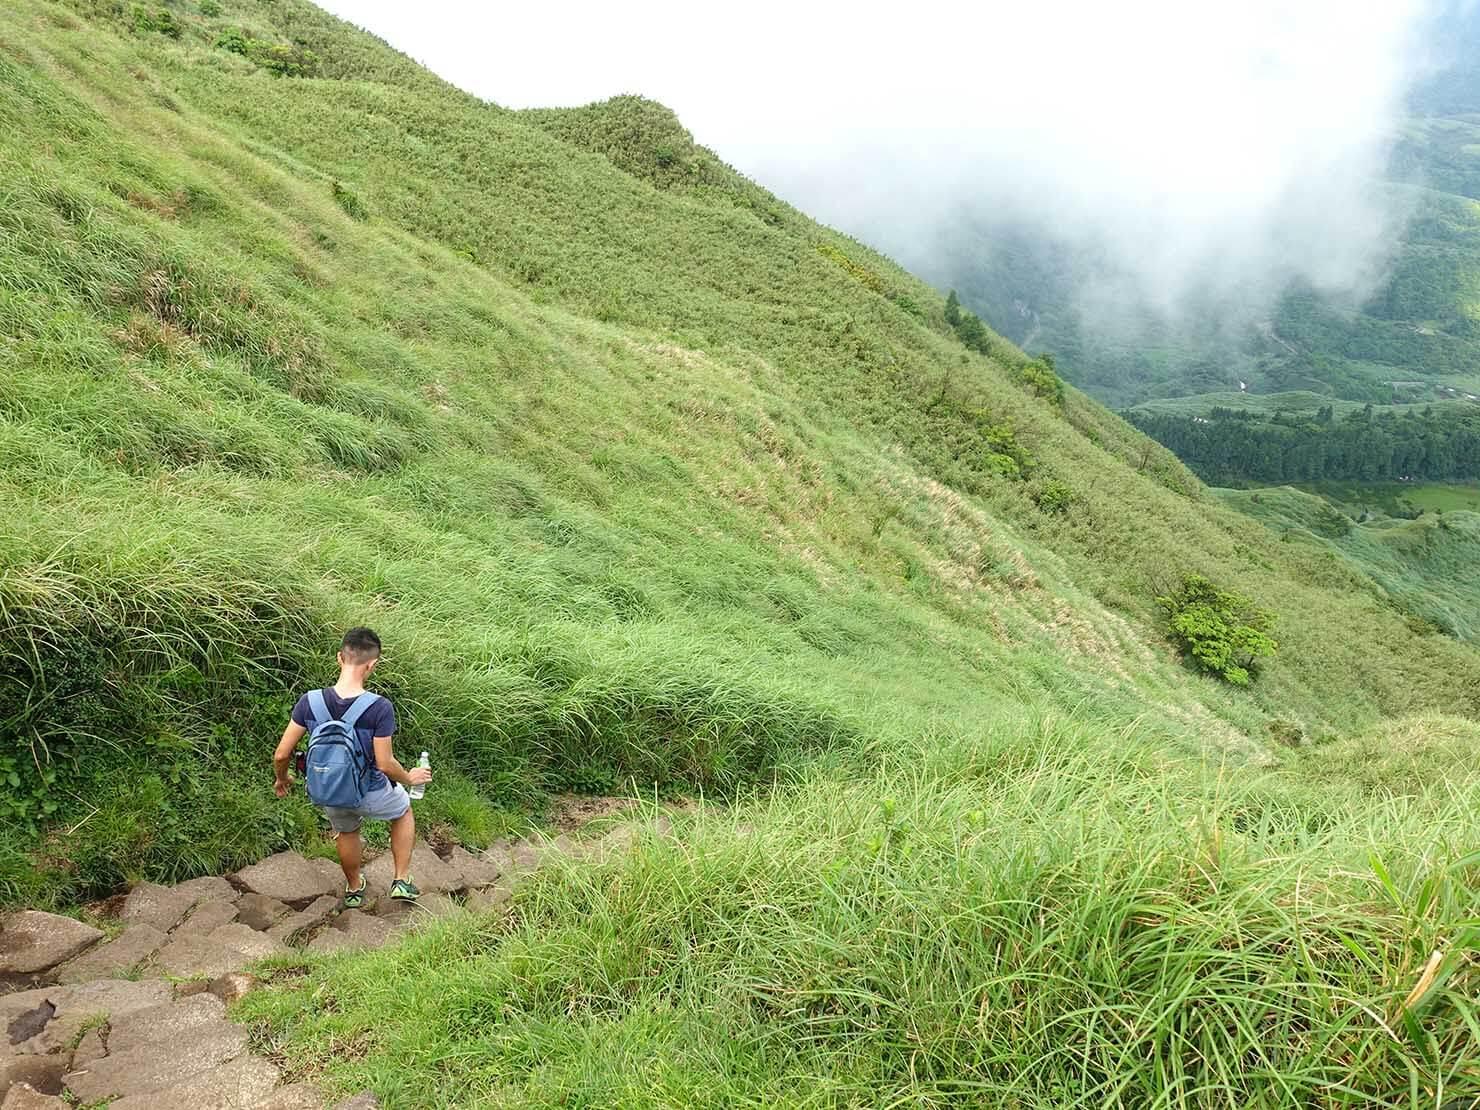 台北最高峰・七星山の東峰から伸びる登山歩道の階段